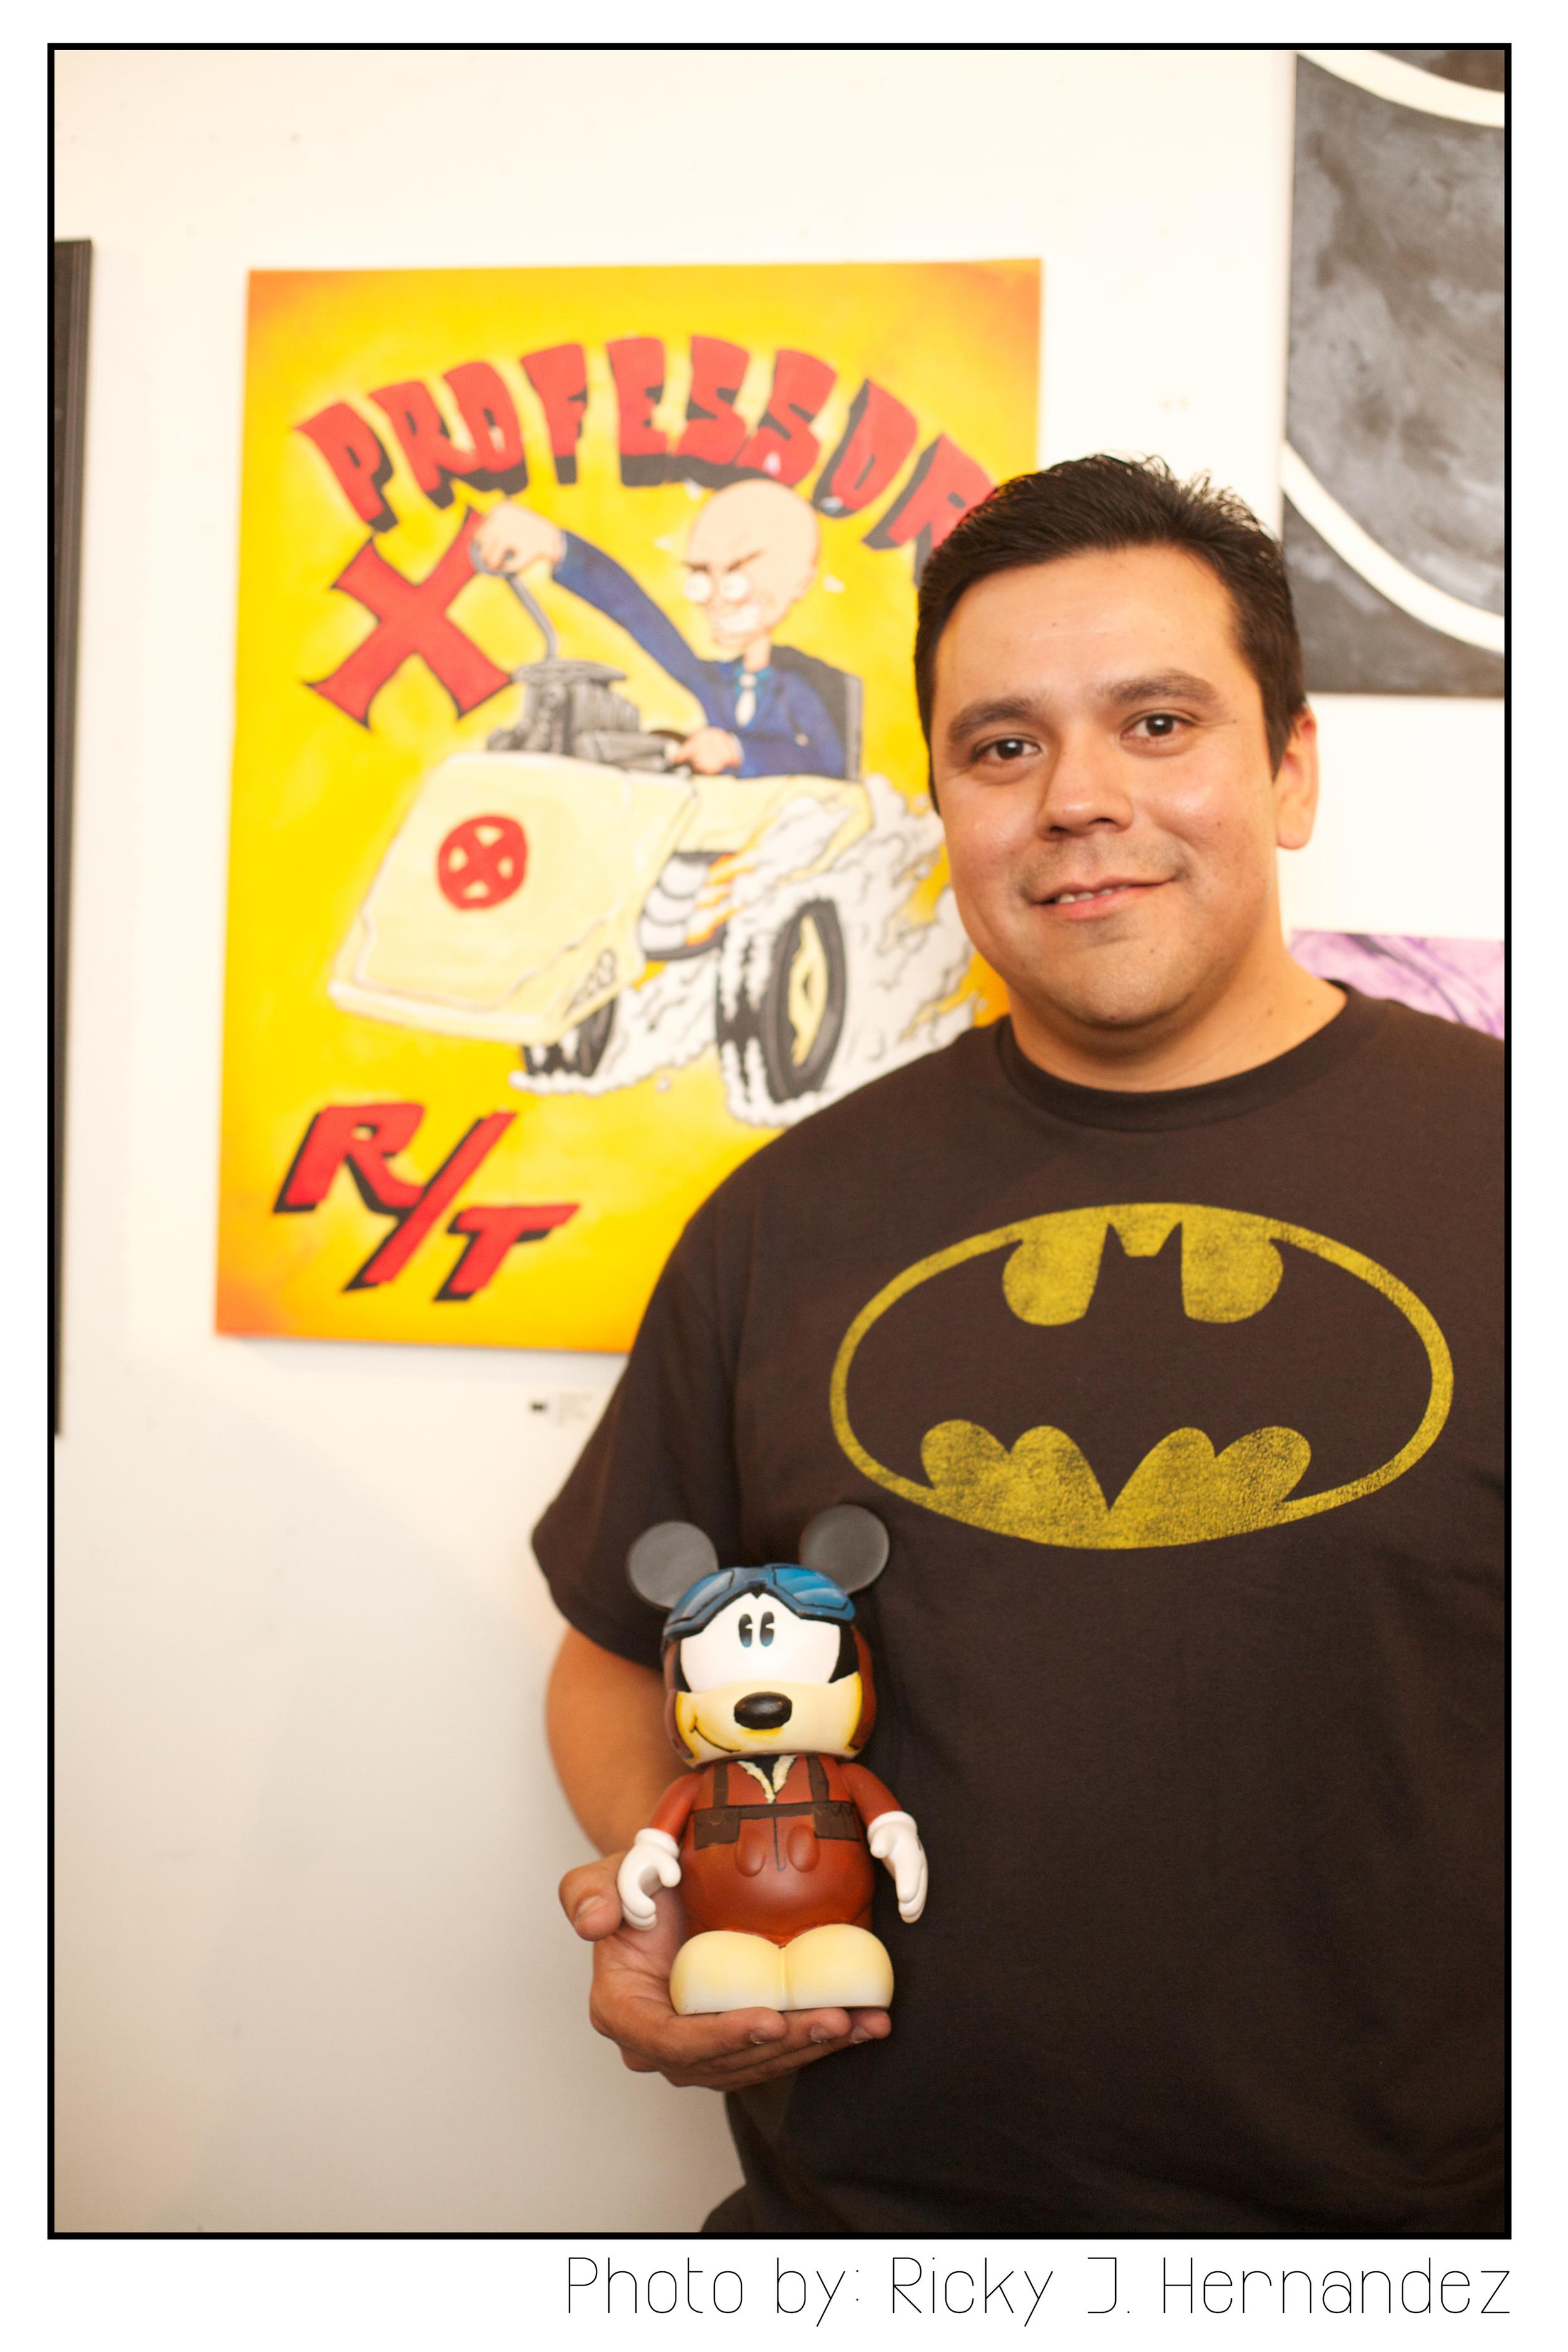 Ricky-J-Hernandez-com-714-200-3032-img-_MG_4699 copy